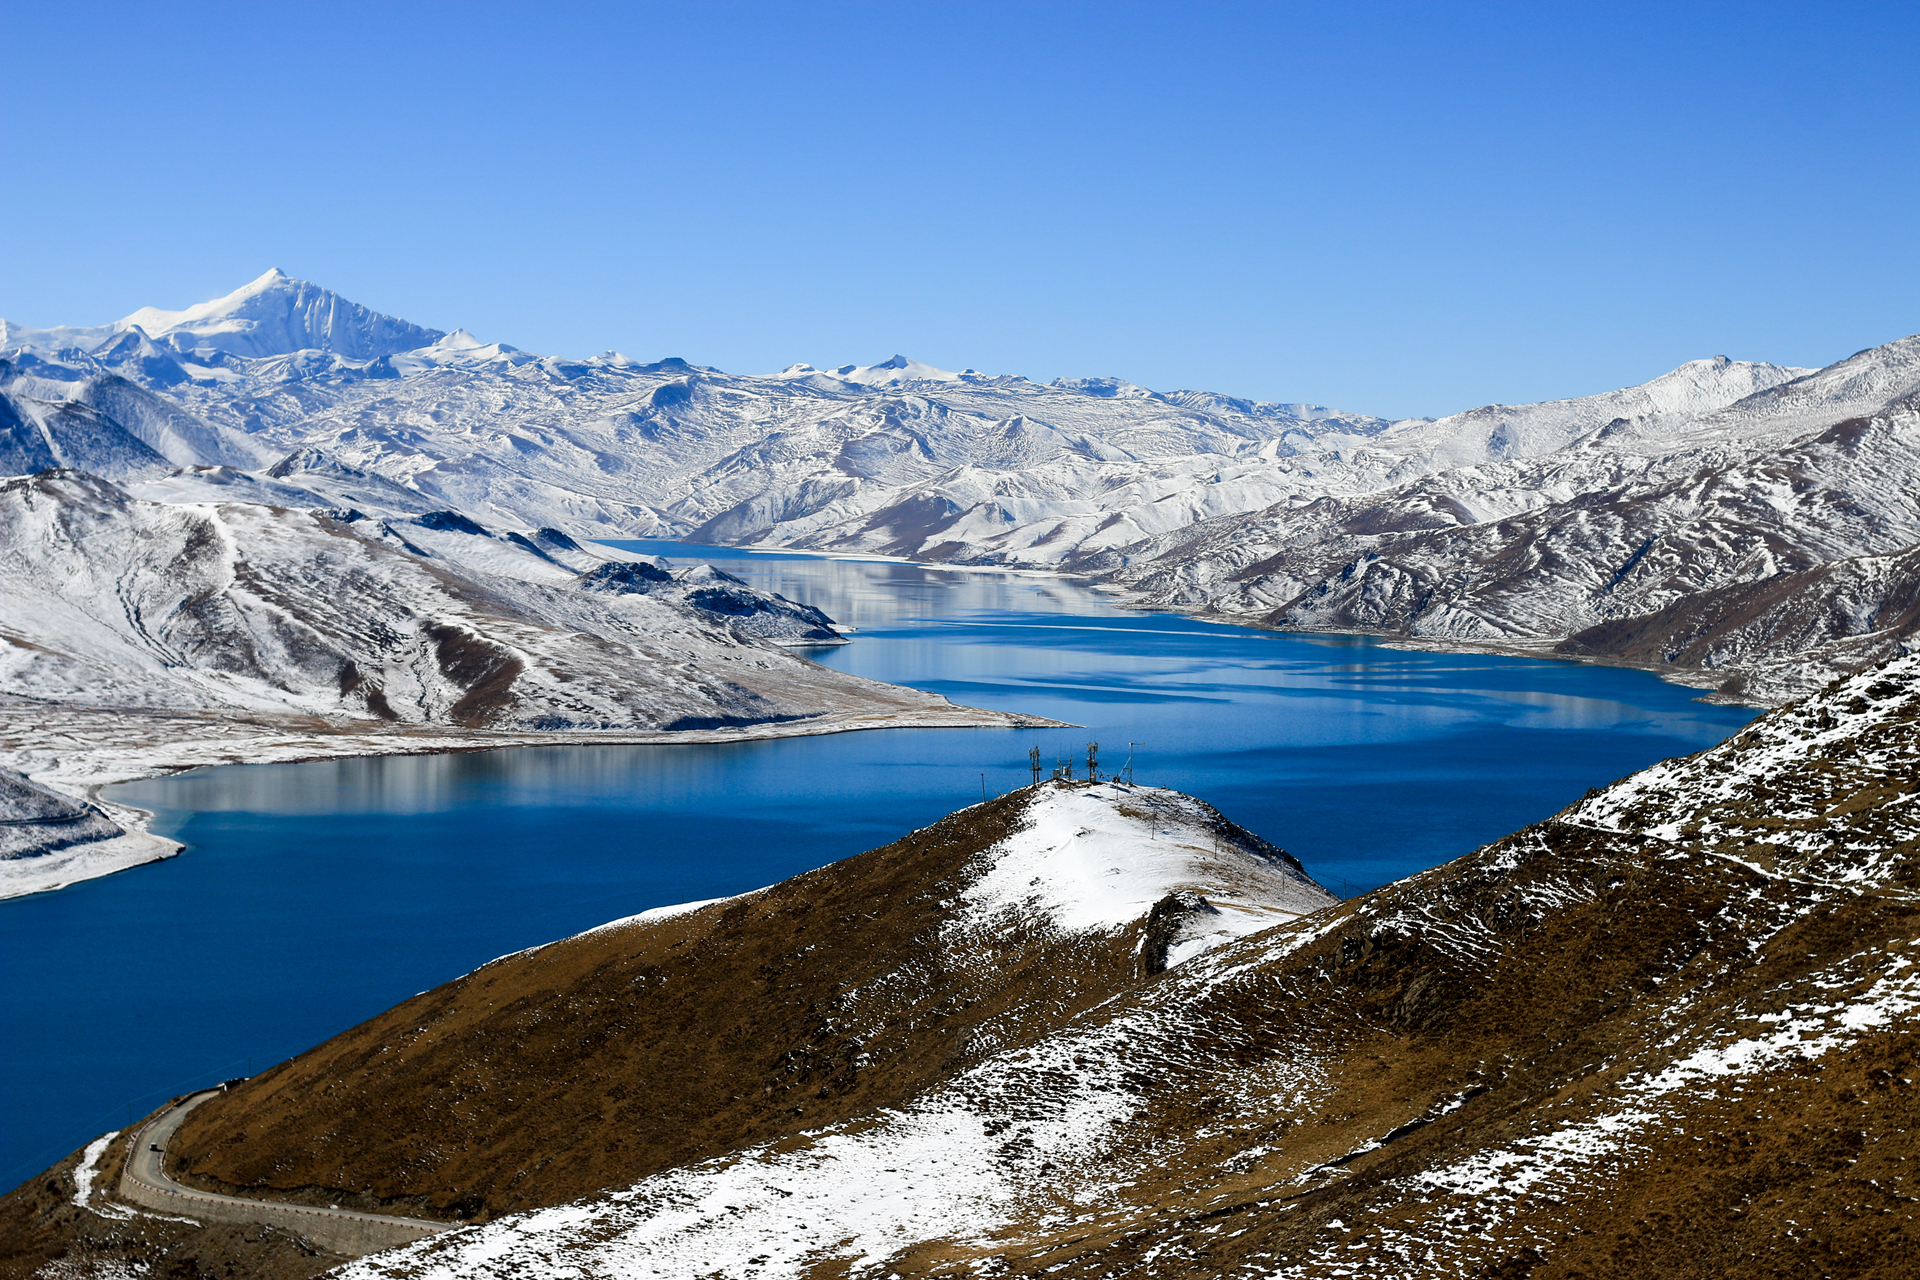 一辈子总要去一次西藏,这4个绝美景点,千万不要错过